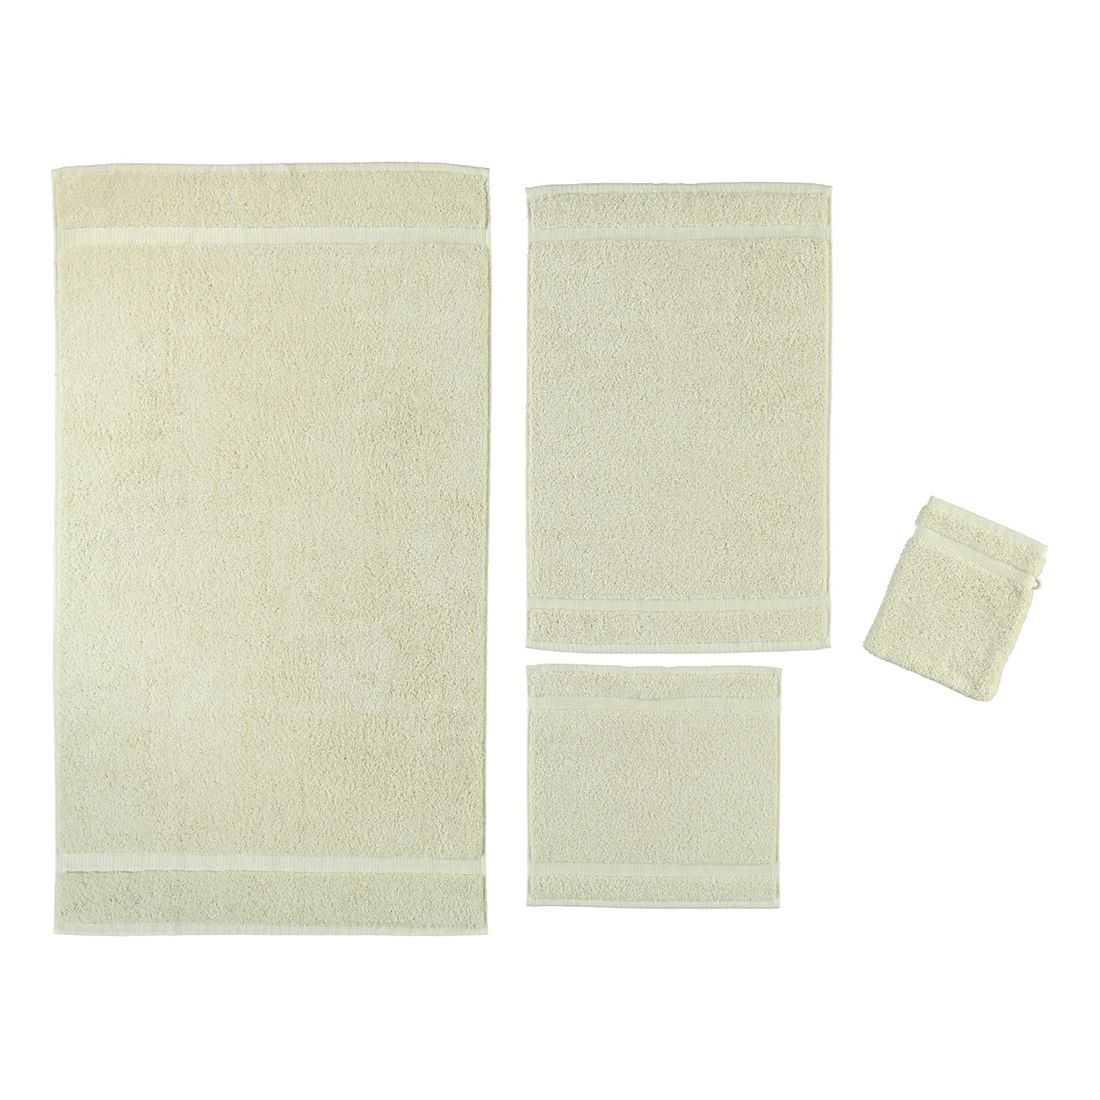 Handtuch Princess – 100% Baumwolle – Beige – 42 – Seiflappen: 30 x 30 cm, Rhomtuft bestellen